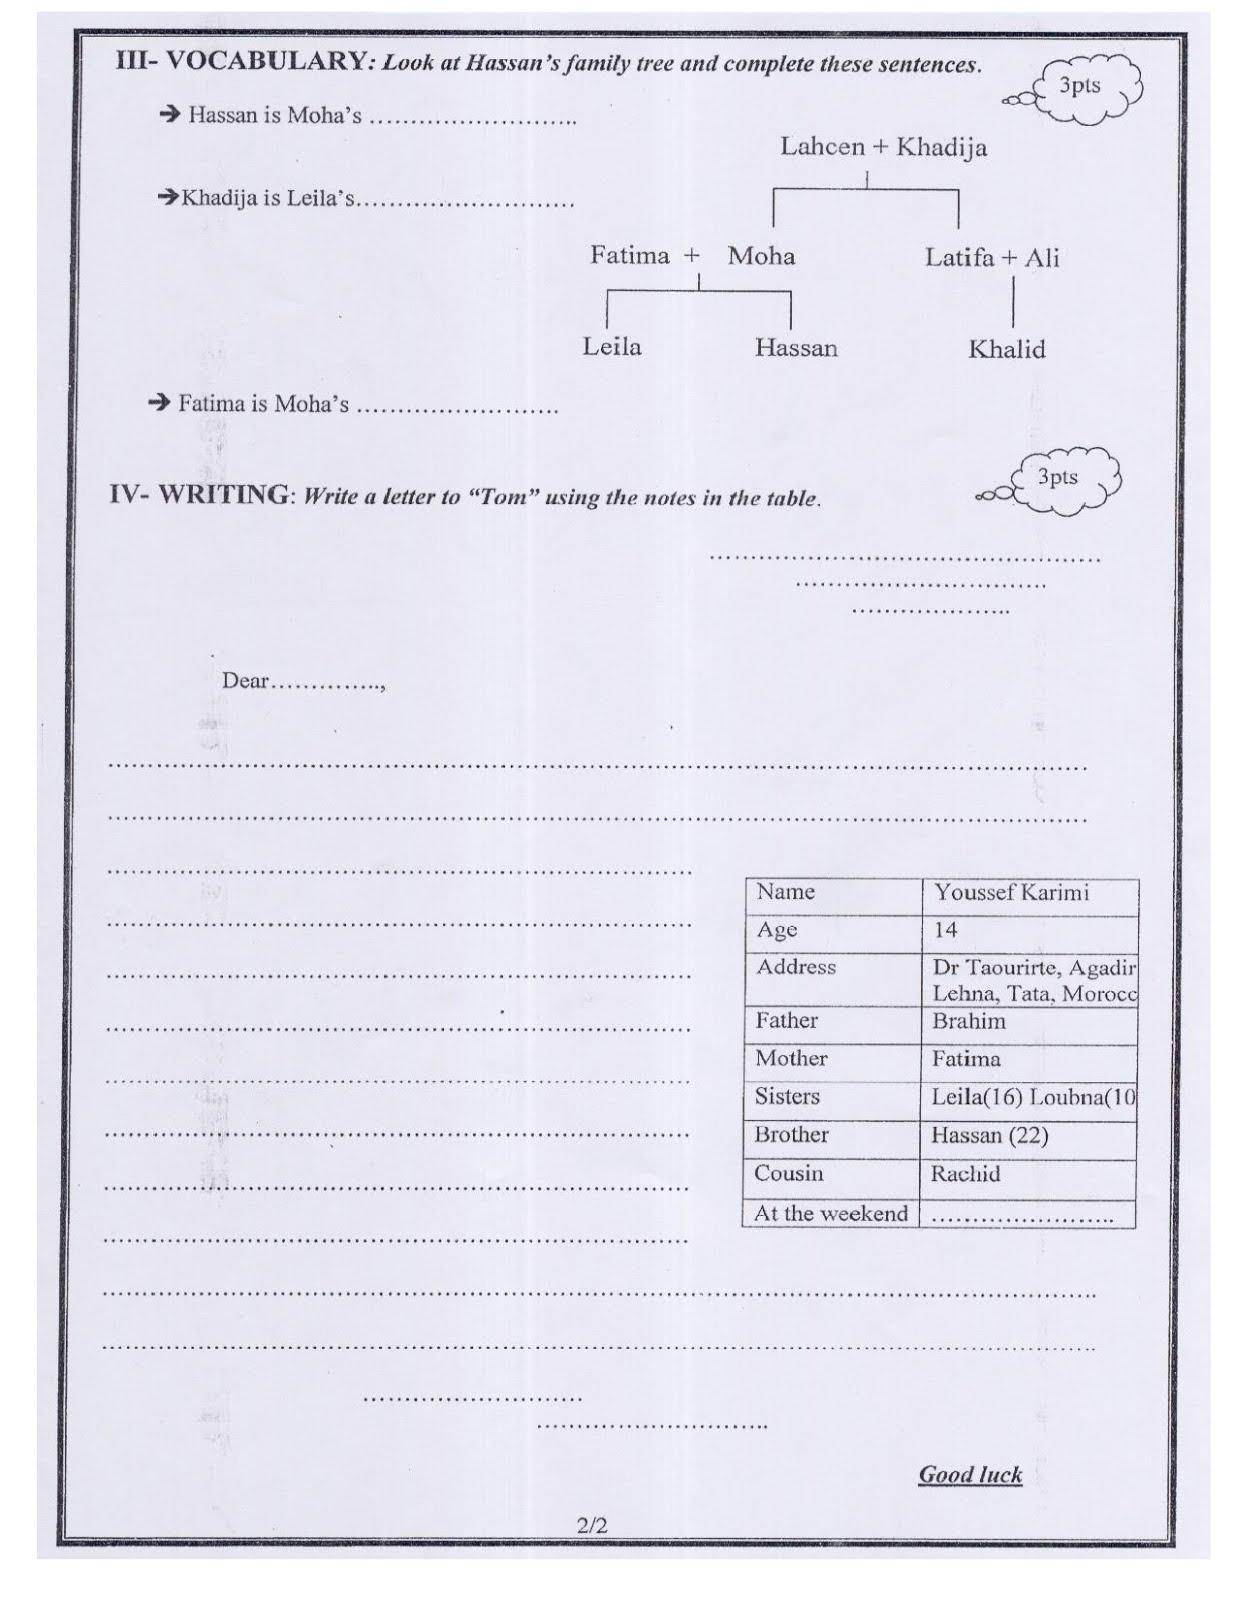 نماذج إمتحانات موحدة في مادة الإنجليزية مستوى الثالثة